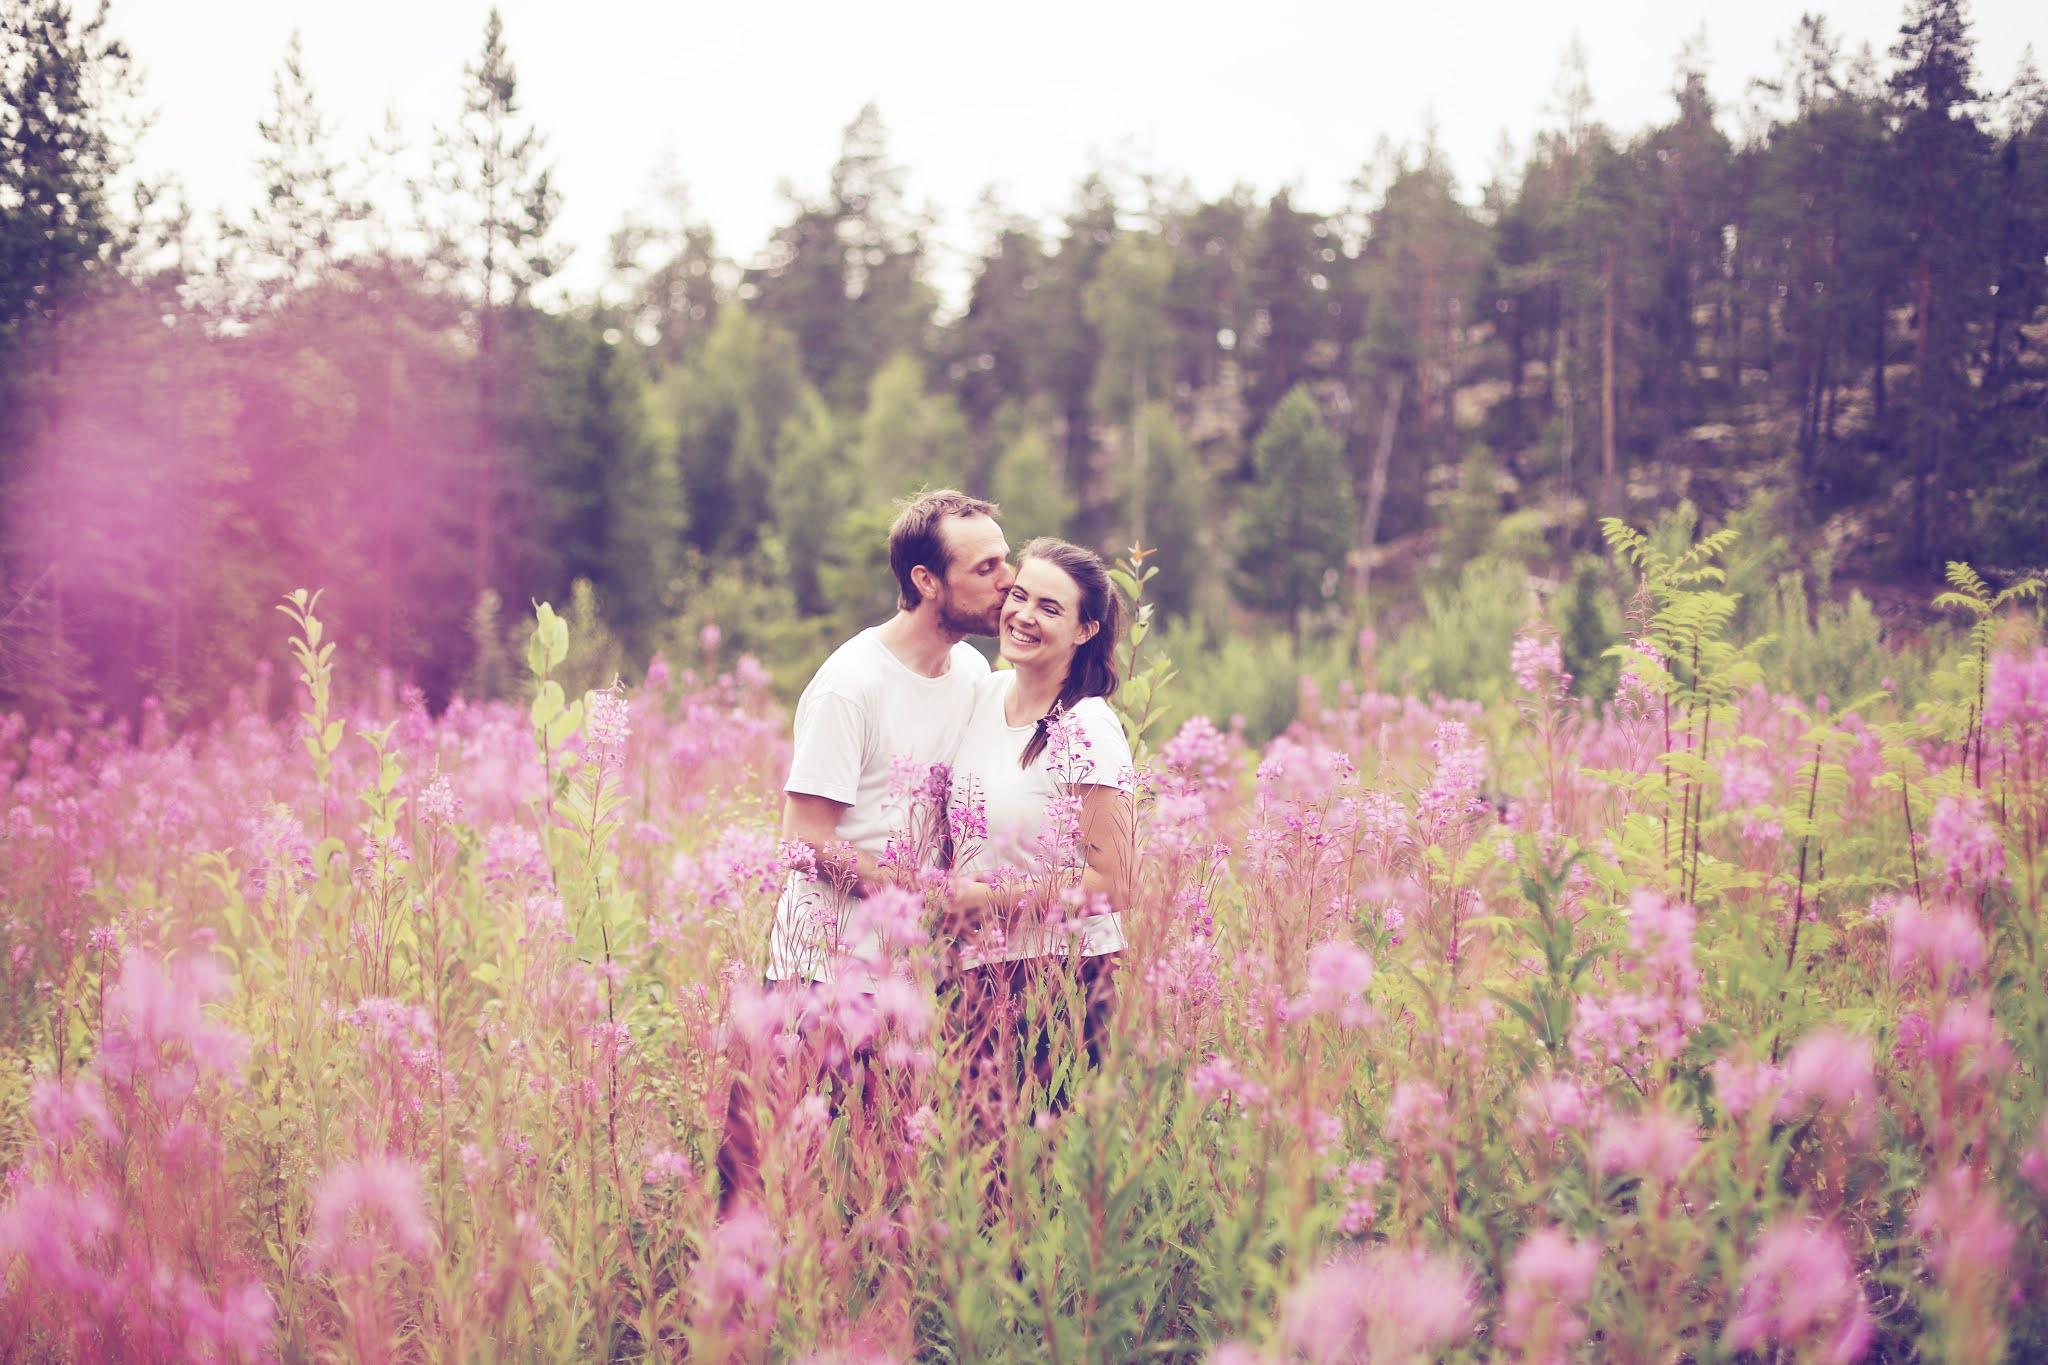 Fotograf Maria-Thérèse Sommar, Härnösand, Höga kusten, High coast, bröllopsfotograf, wedding photography Sweden